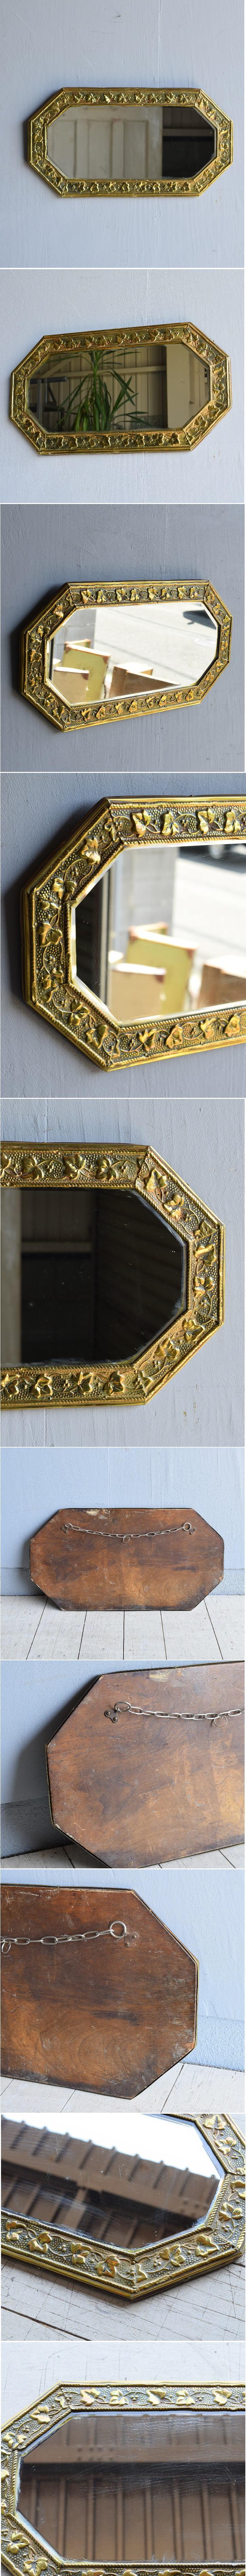 イギリス アンティーク  壁掛け ミラー 鏡  7945